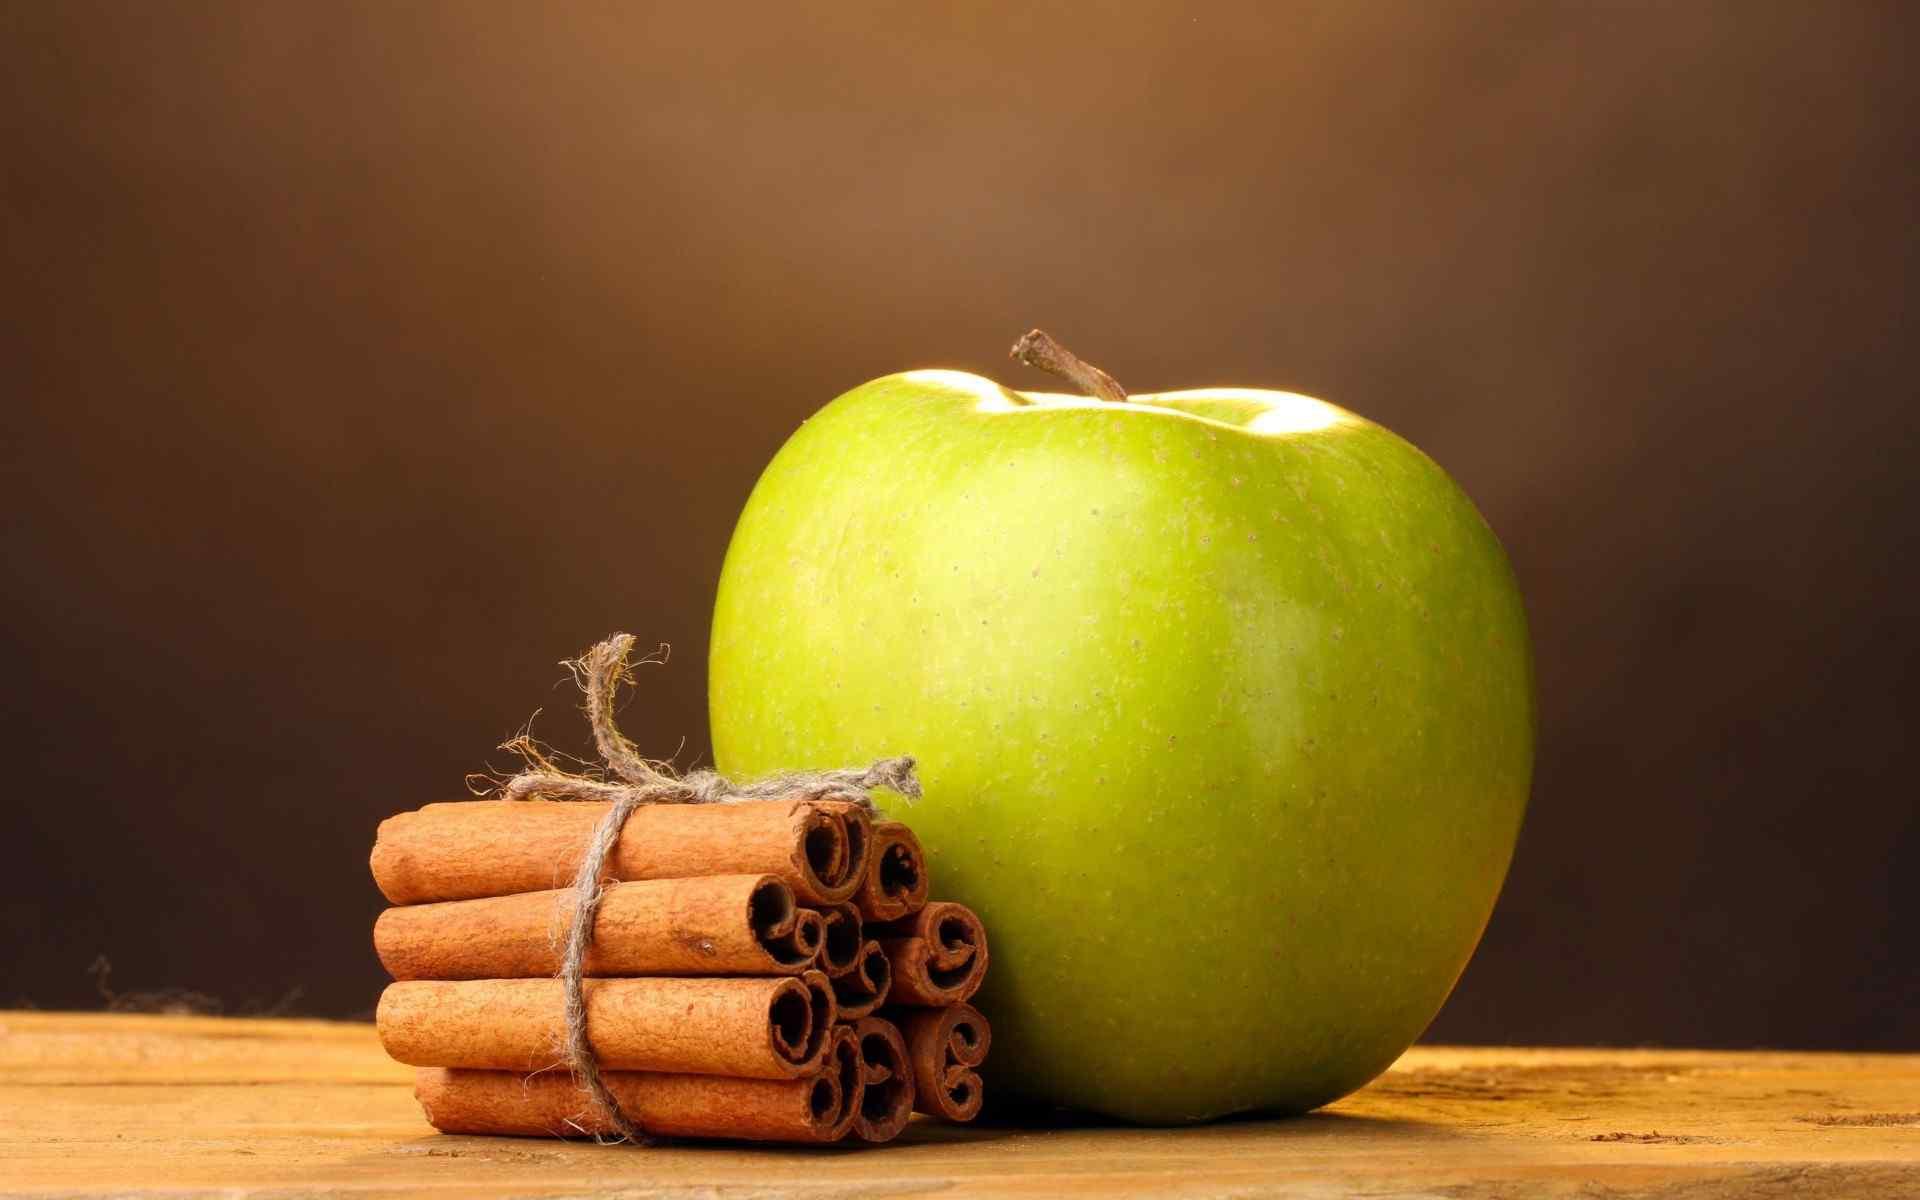 夏季水果青苹果唯